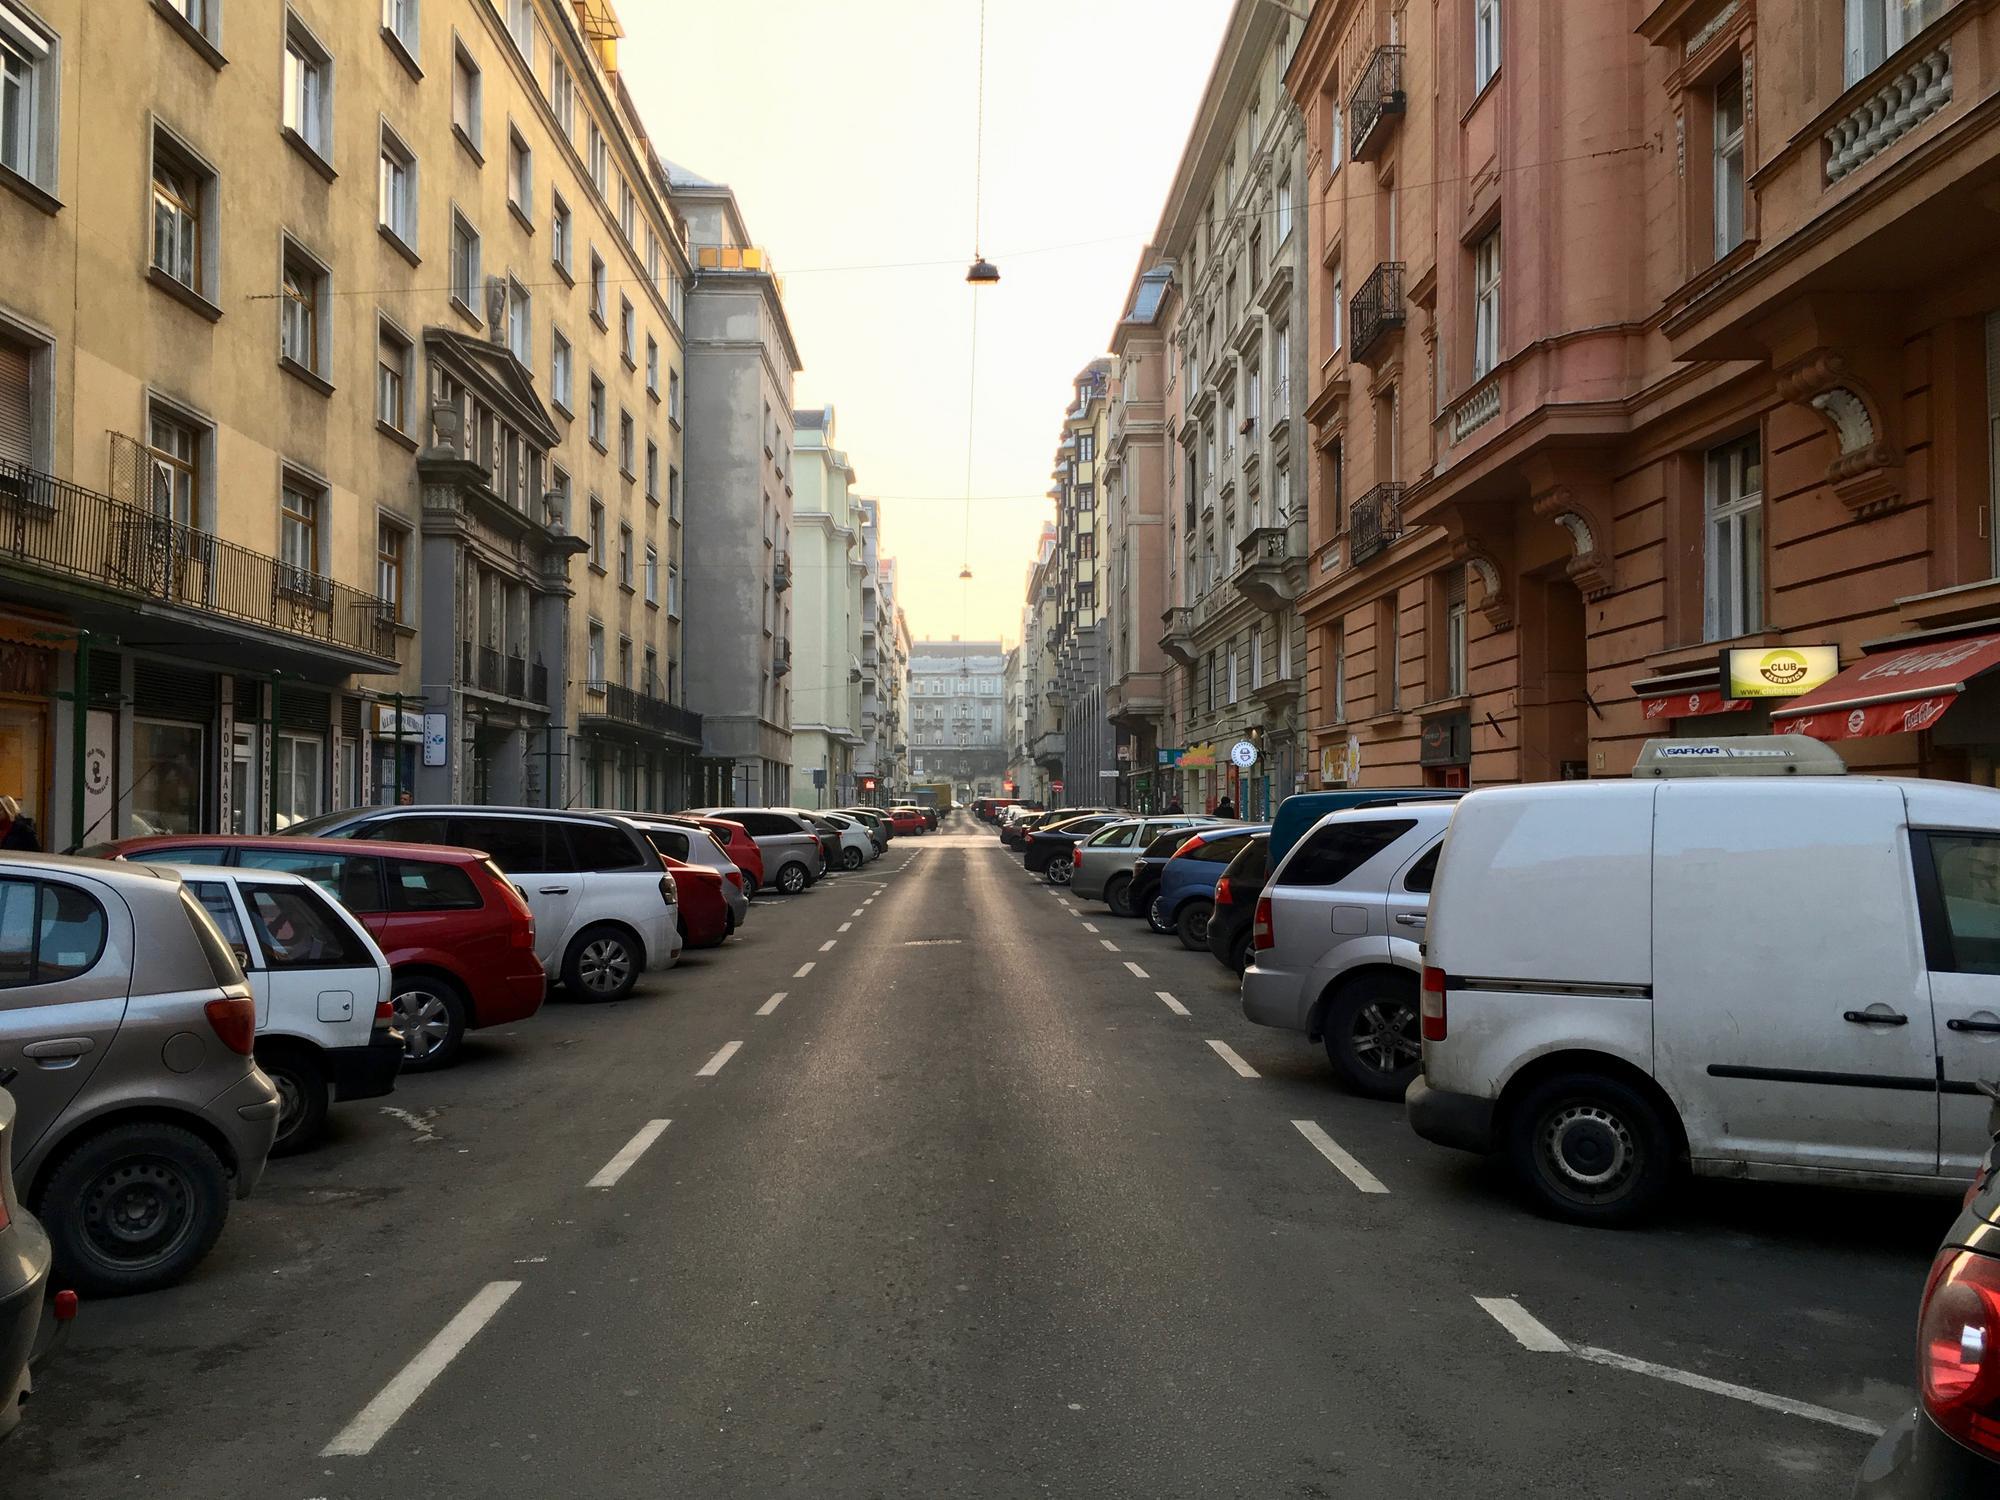 🇭🇺 Будапешт, Венгрия, январь 2017.